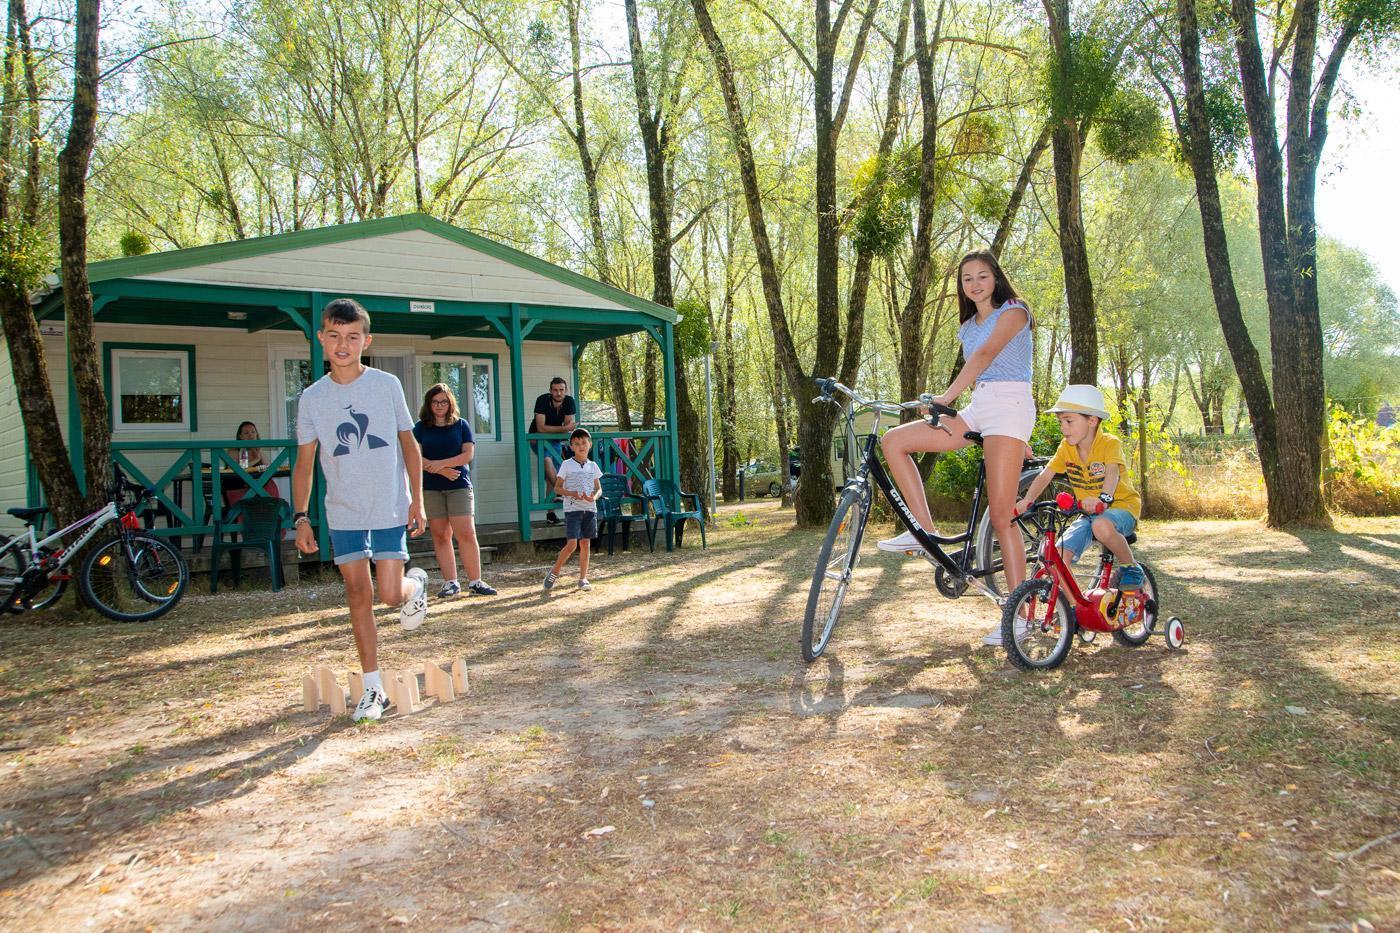 Camping Sites Et Paysages Les Saules Cheverny Jeux Chalet1 (1)